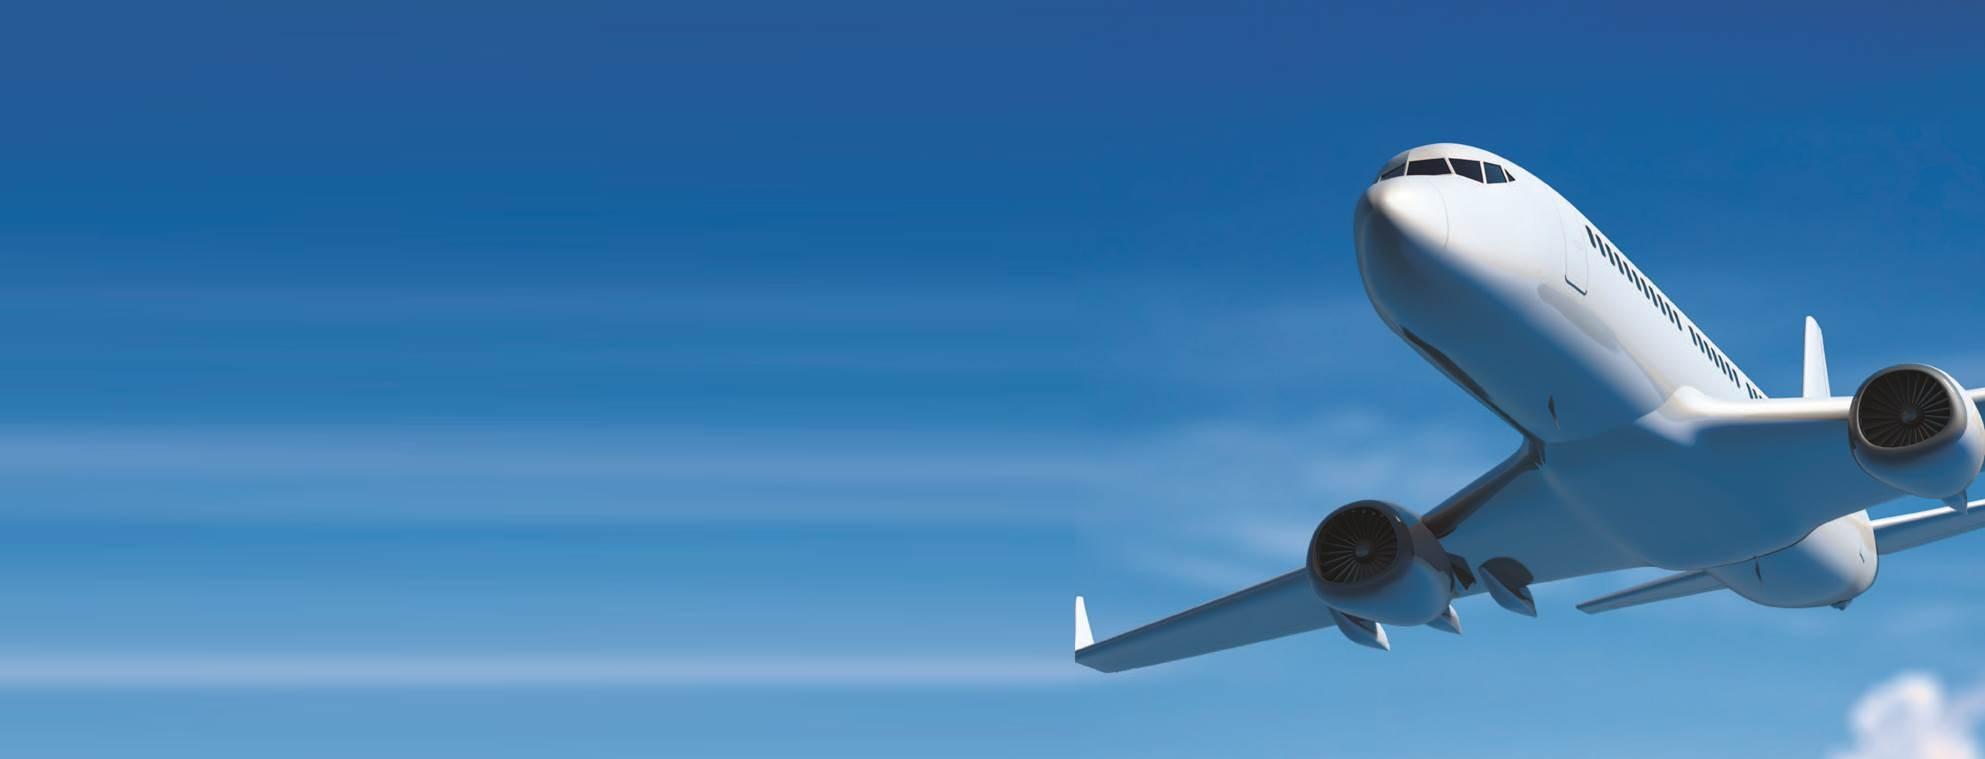 航空航天新